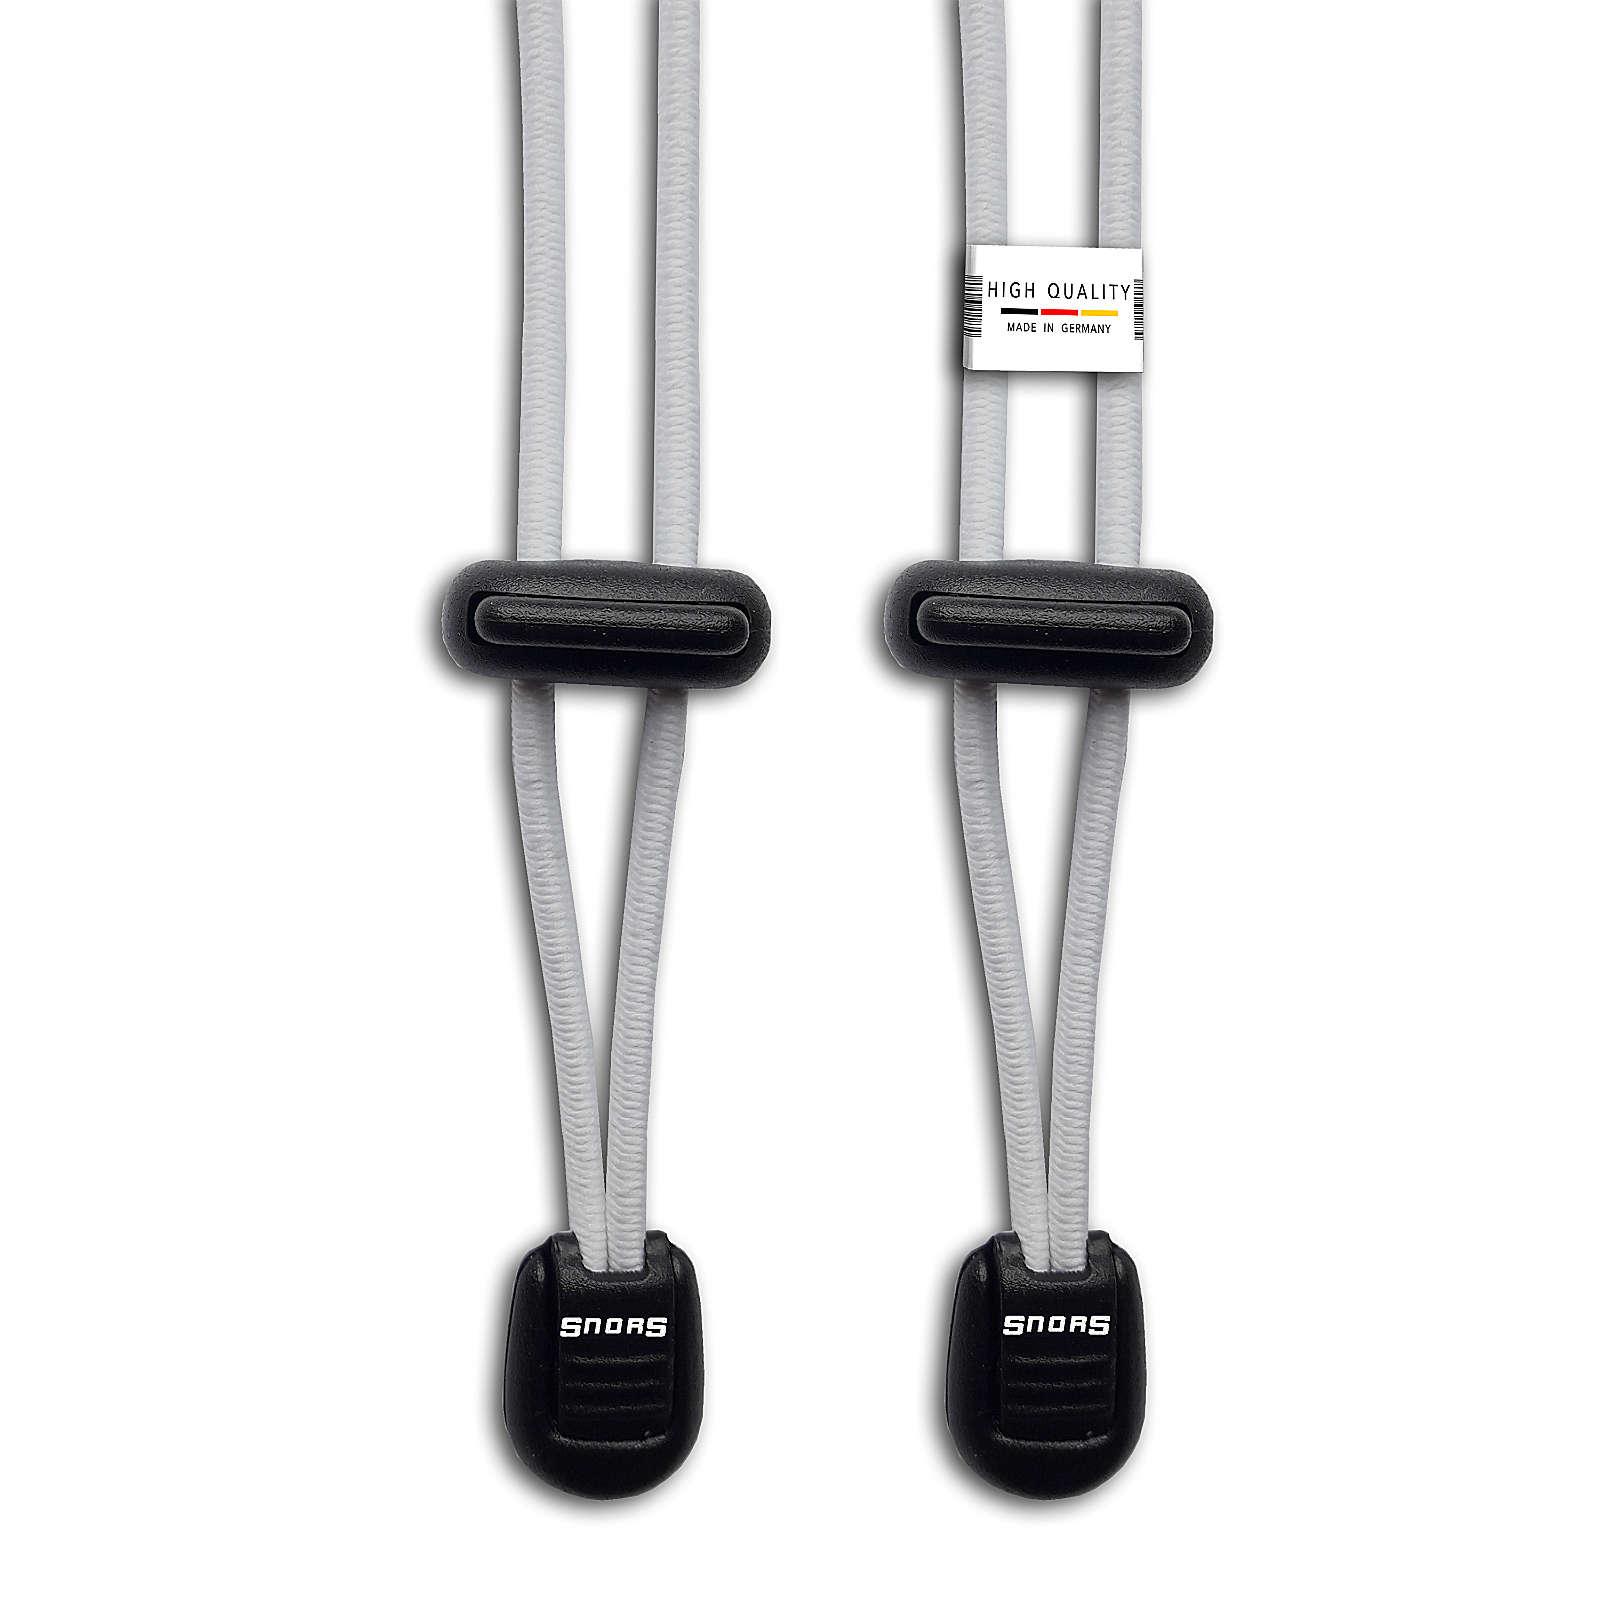 SNORS shoefriends Schnürsystem 120cm - elastische Schnürsenkel mit Schnellverschluss Schnürsenkel hellgrau Gr. 120